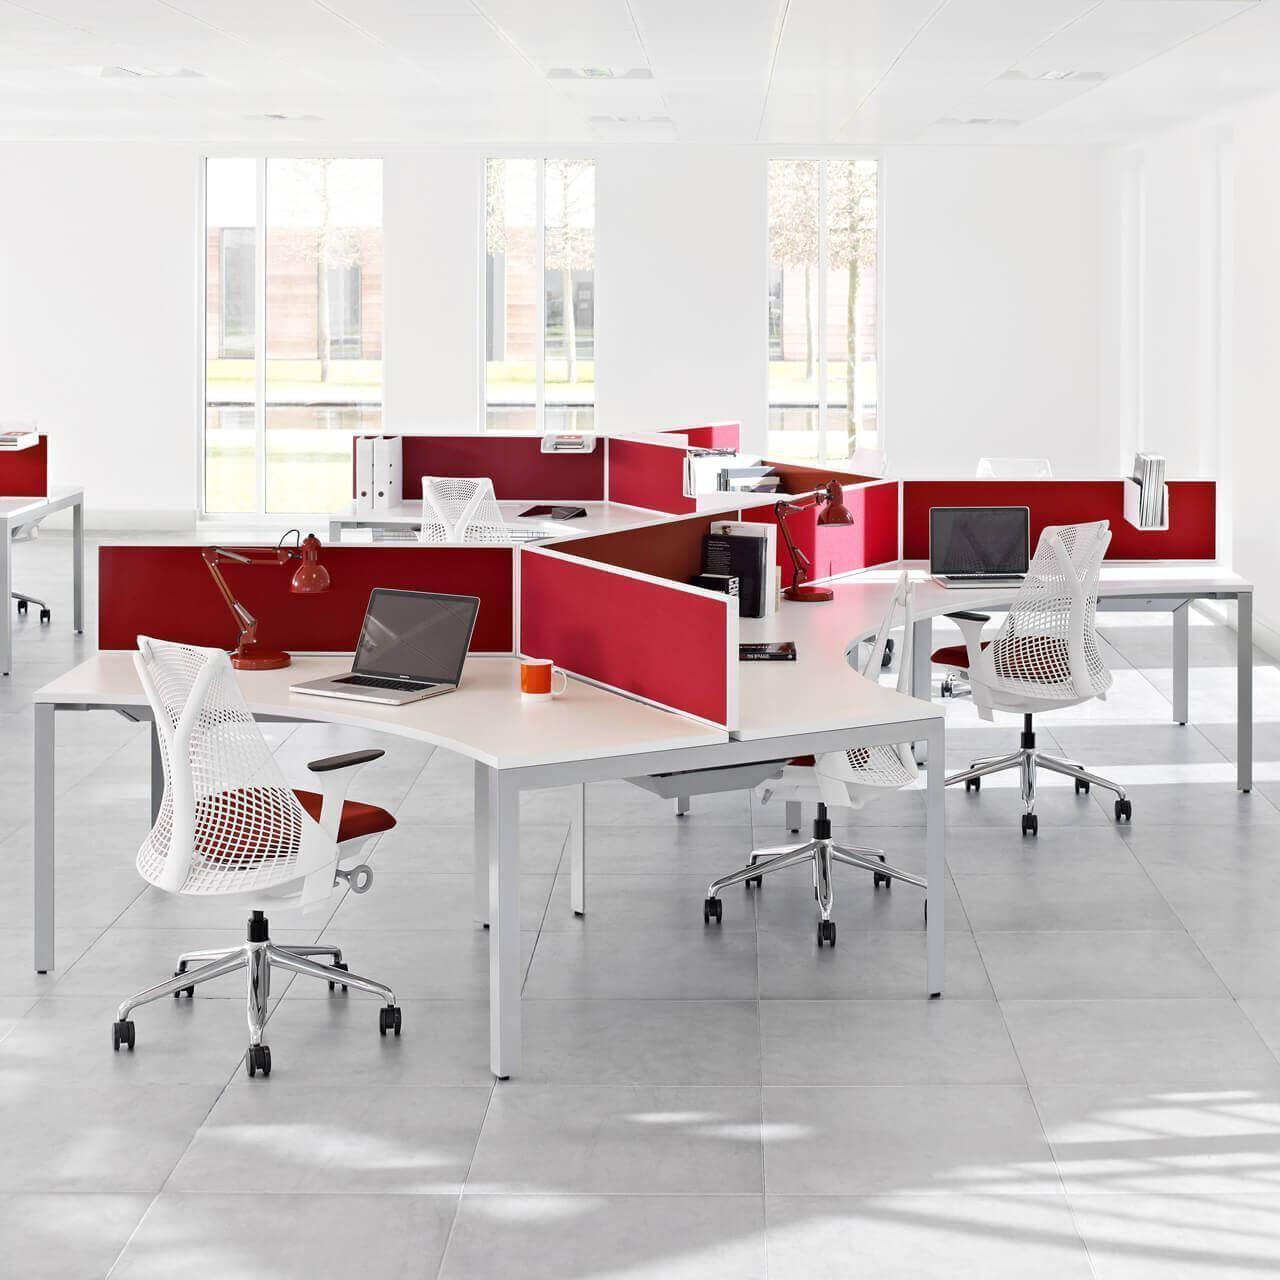 Herman miller sayl ergonomische bureaustoel 0021s 0005 Omgeving